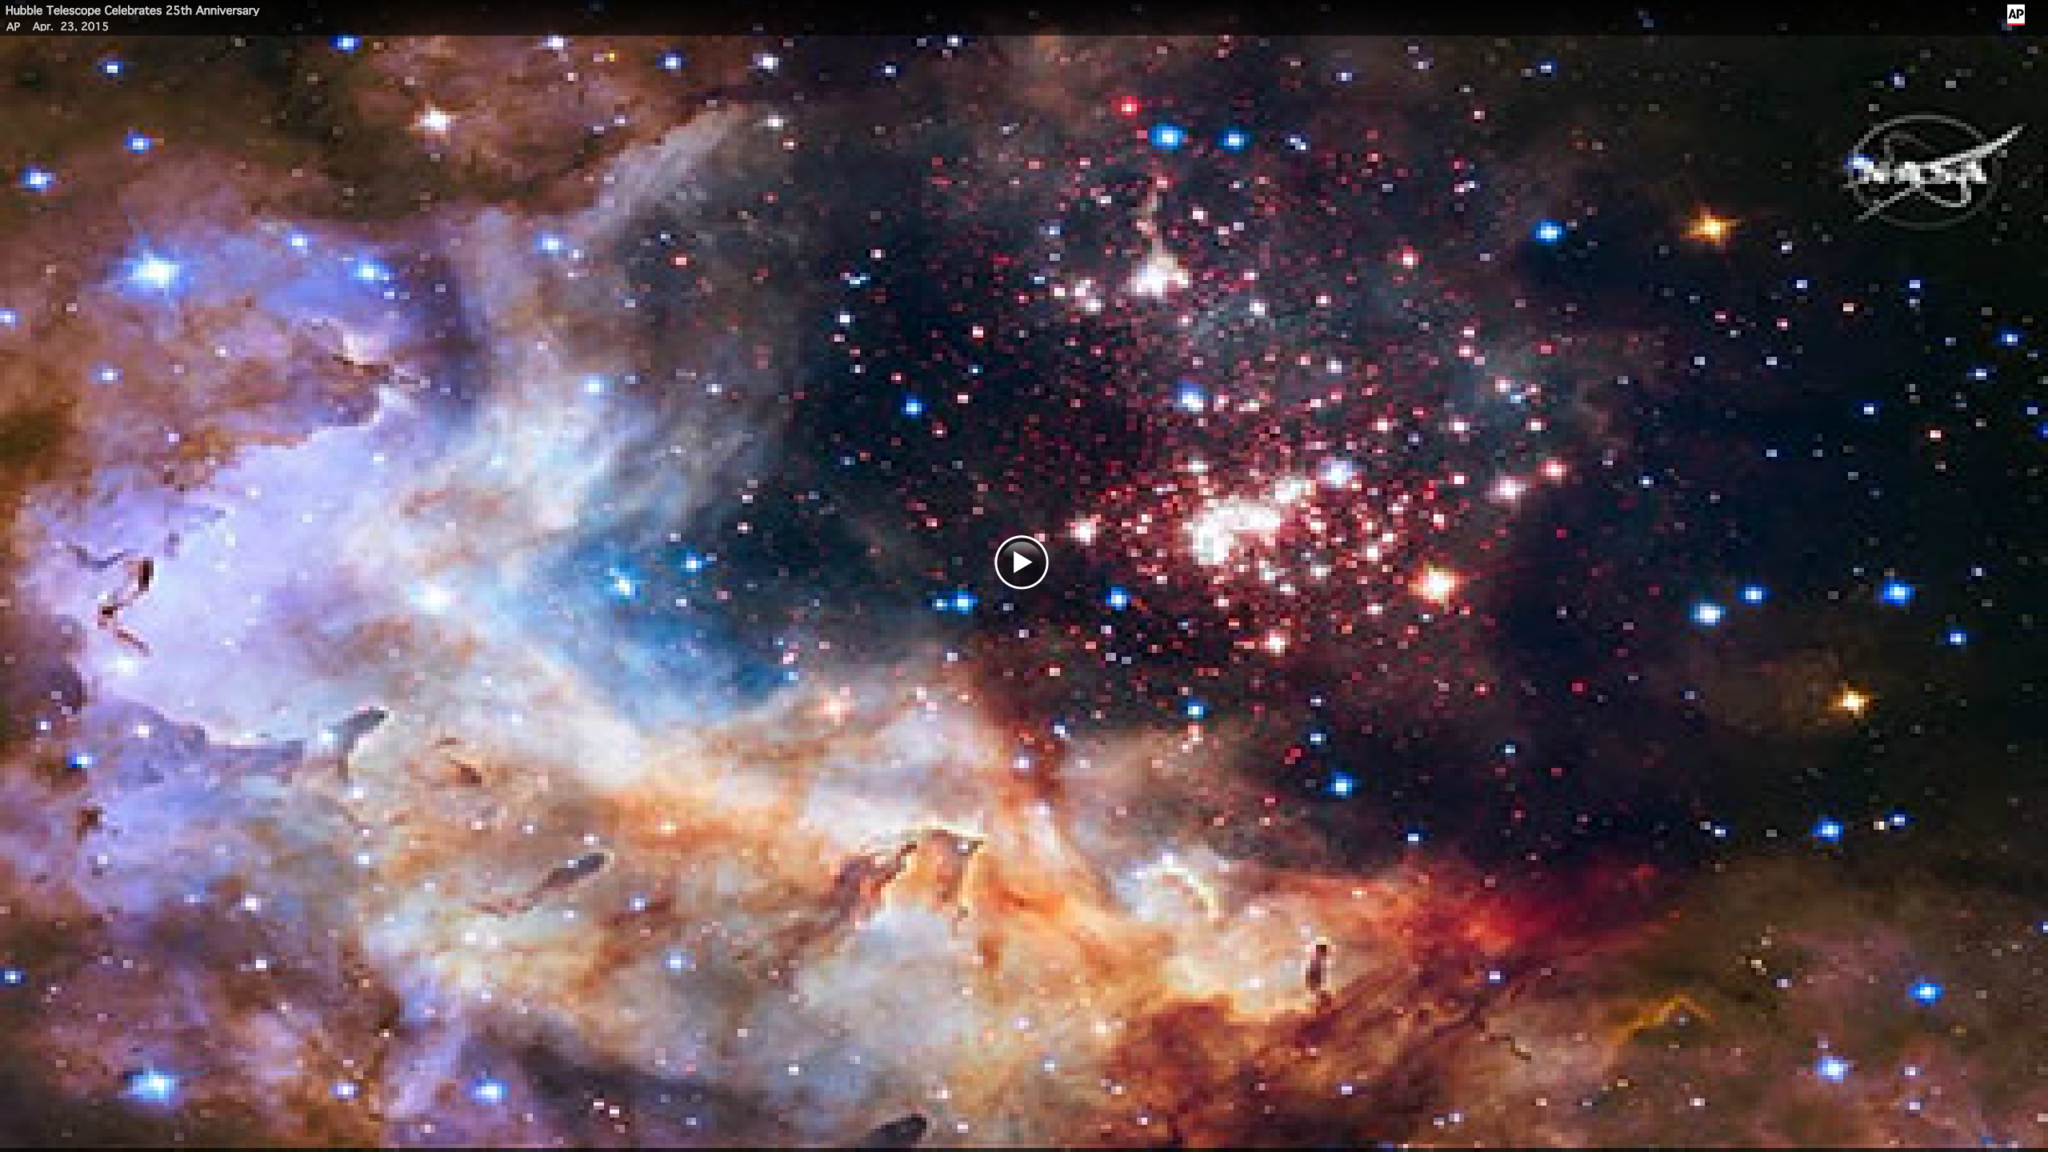 Hubble Telescope celebrates 25th anniversary - Sun Sentinel